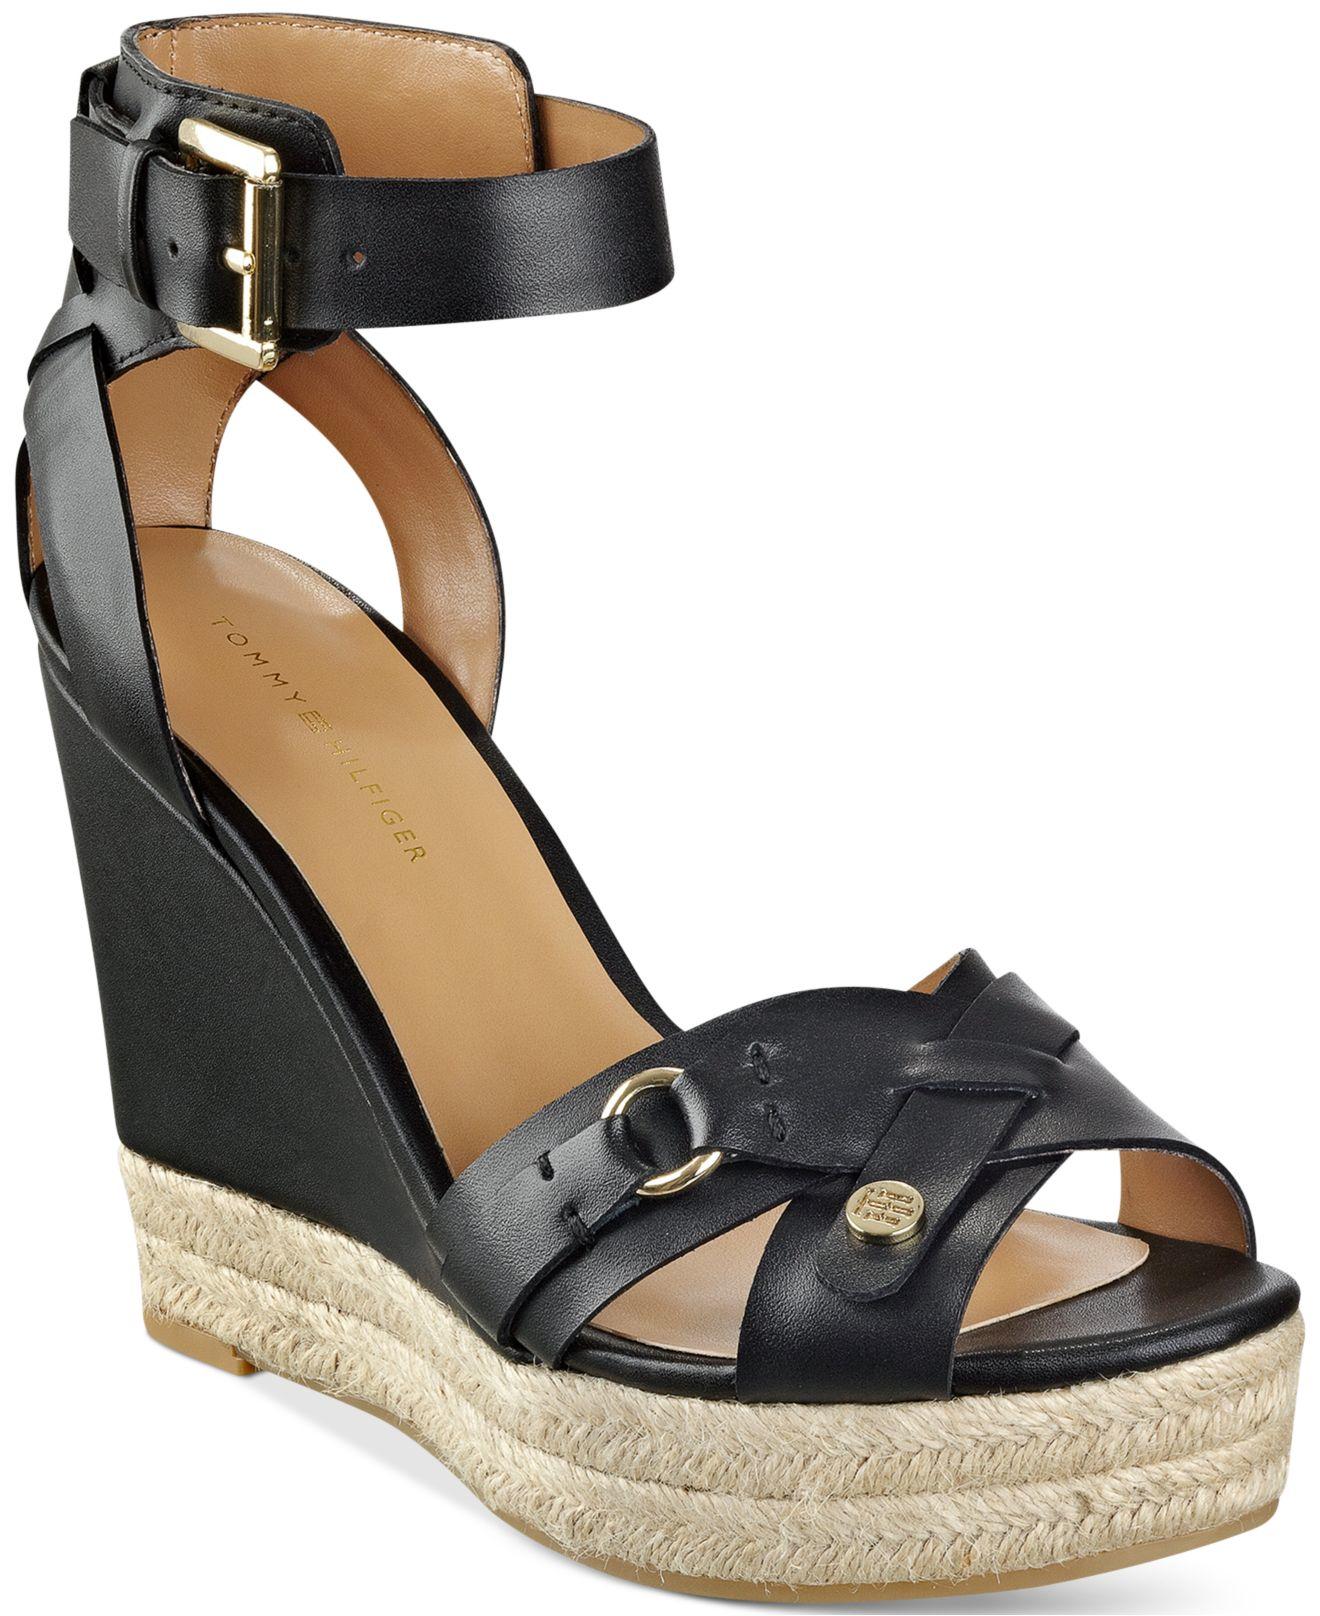 b8c11fec71f8 Lyst - Tommy Hilfiger Velvet Espadrille Platform Wedge Sandals in Black